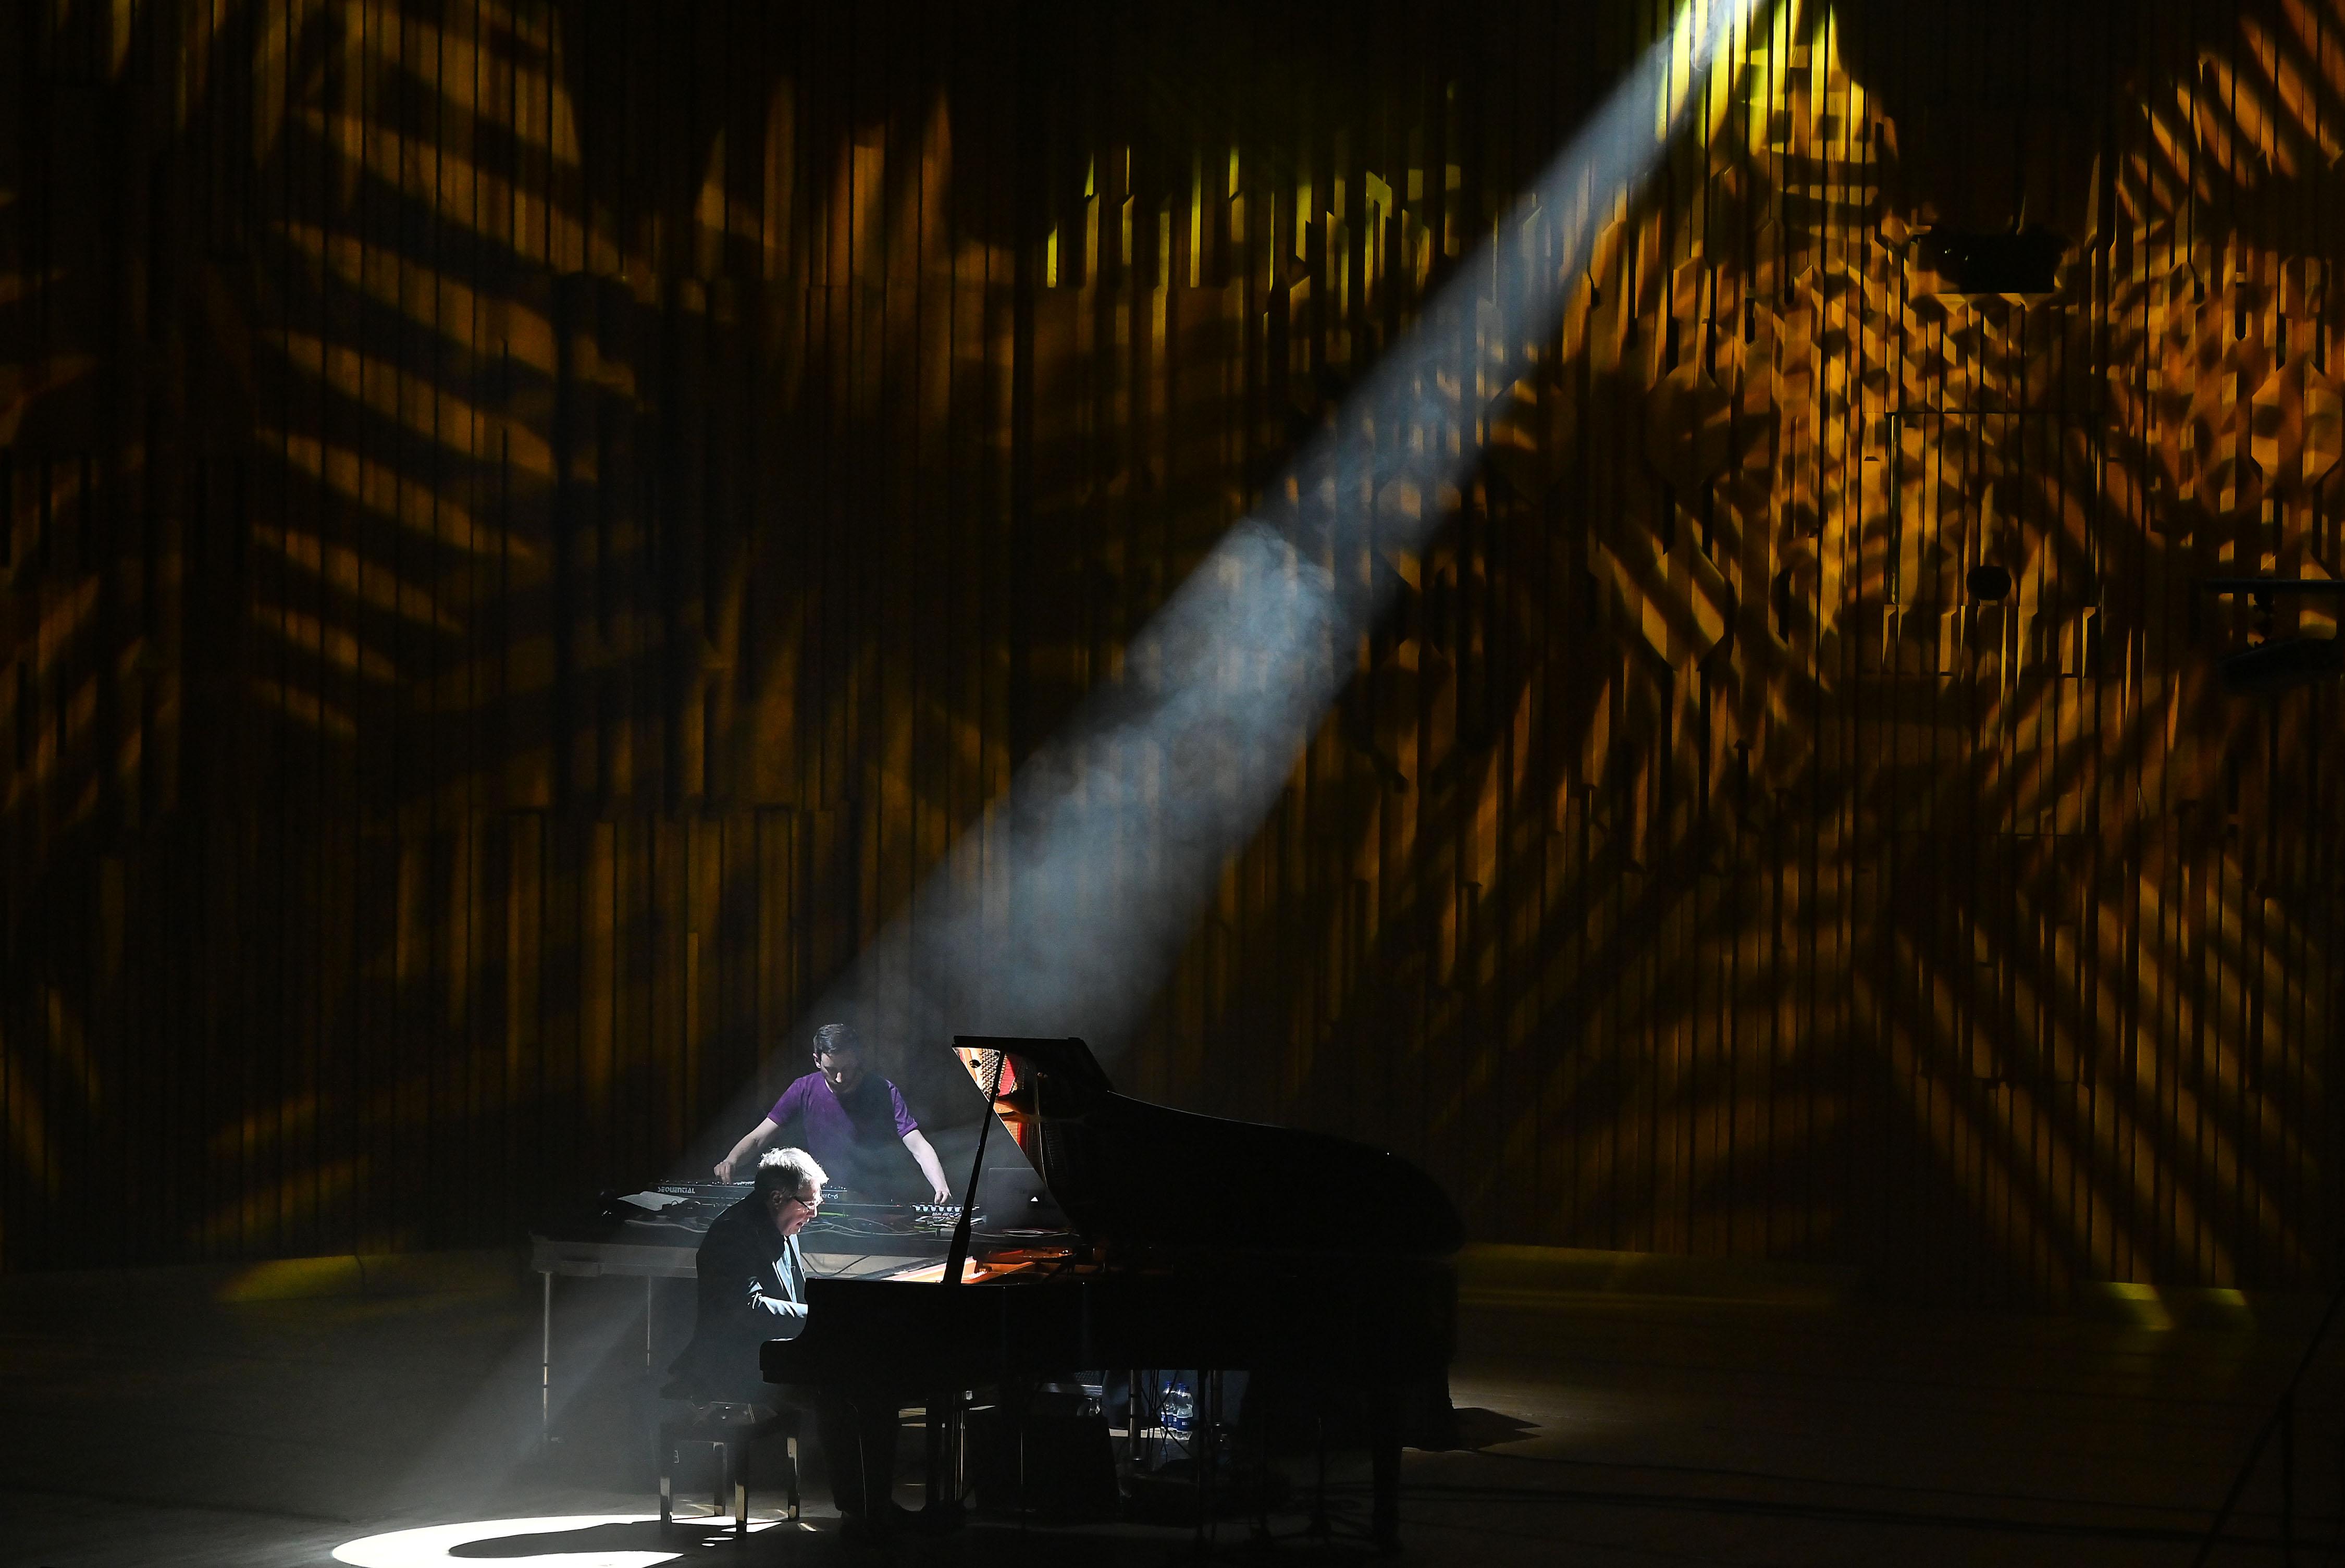 Pianist performing under a spotlight